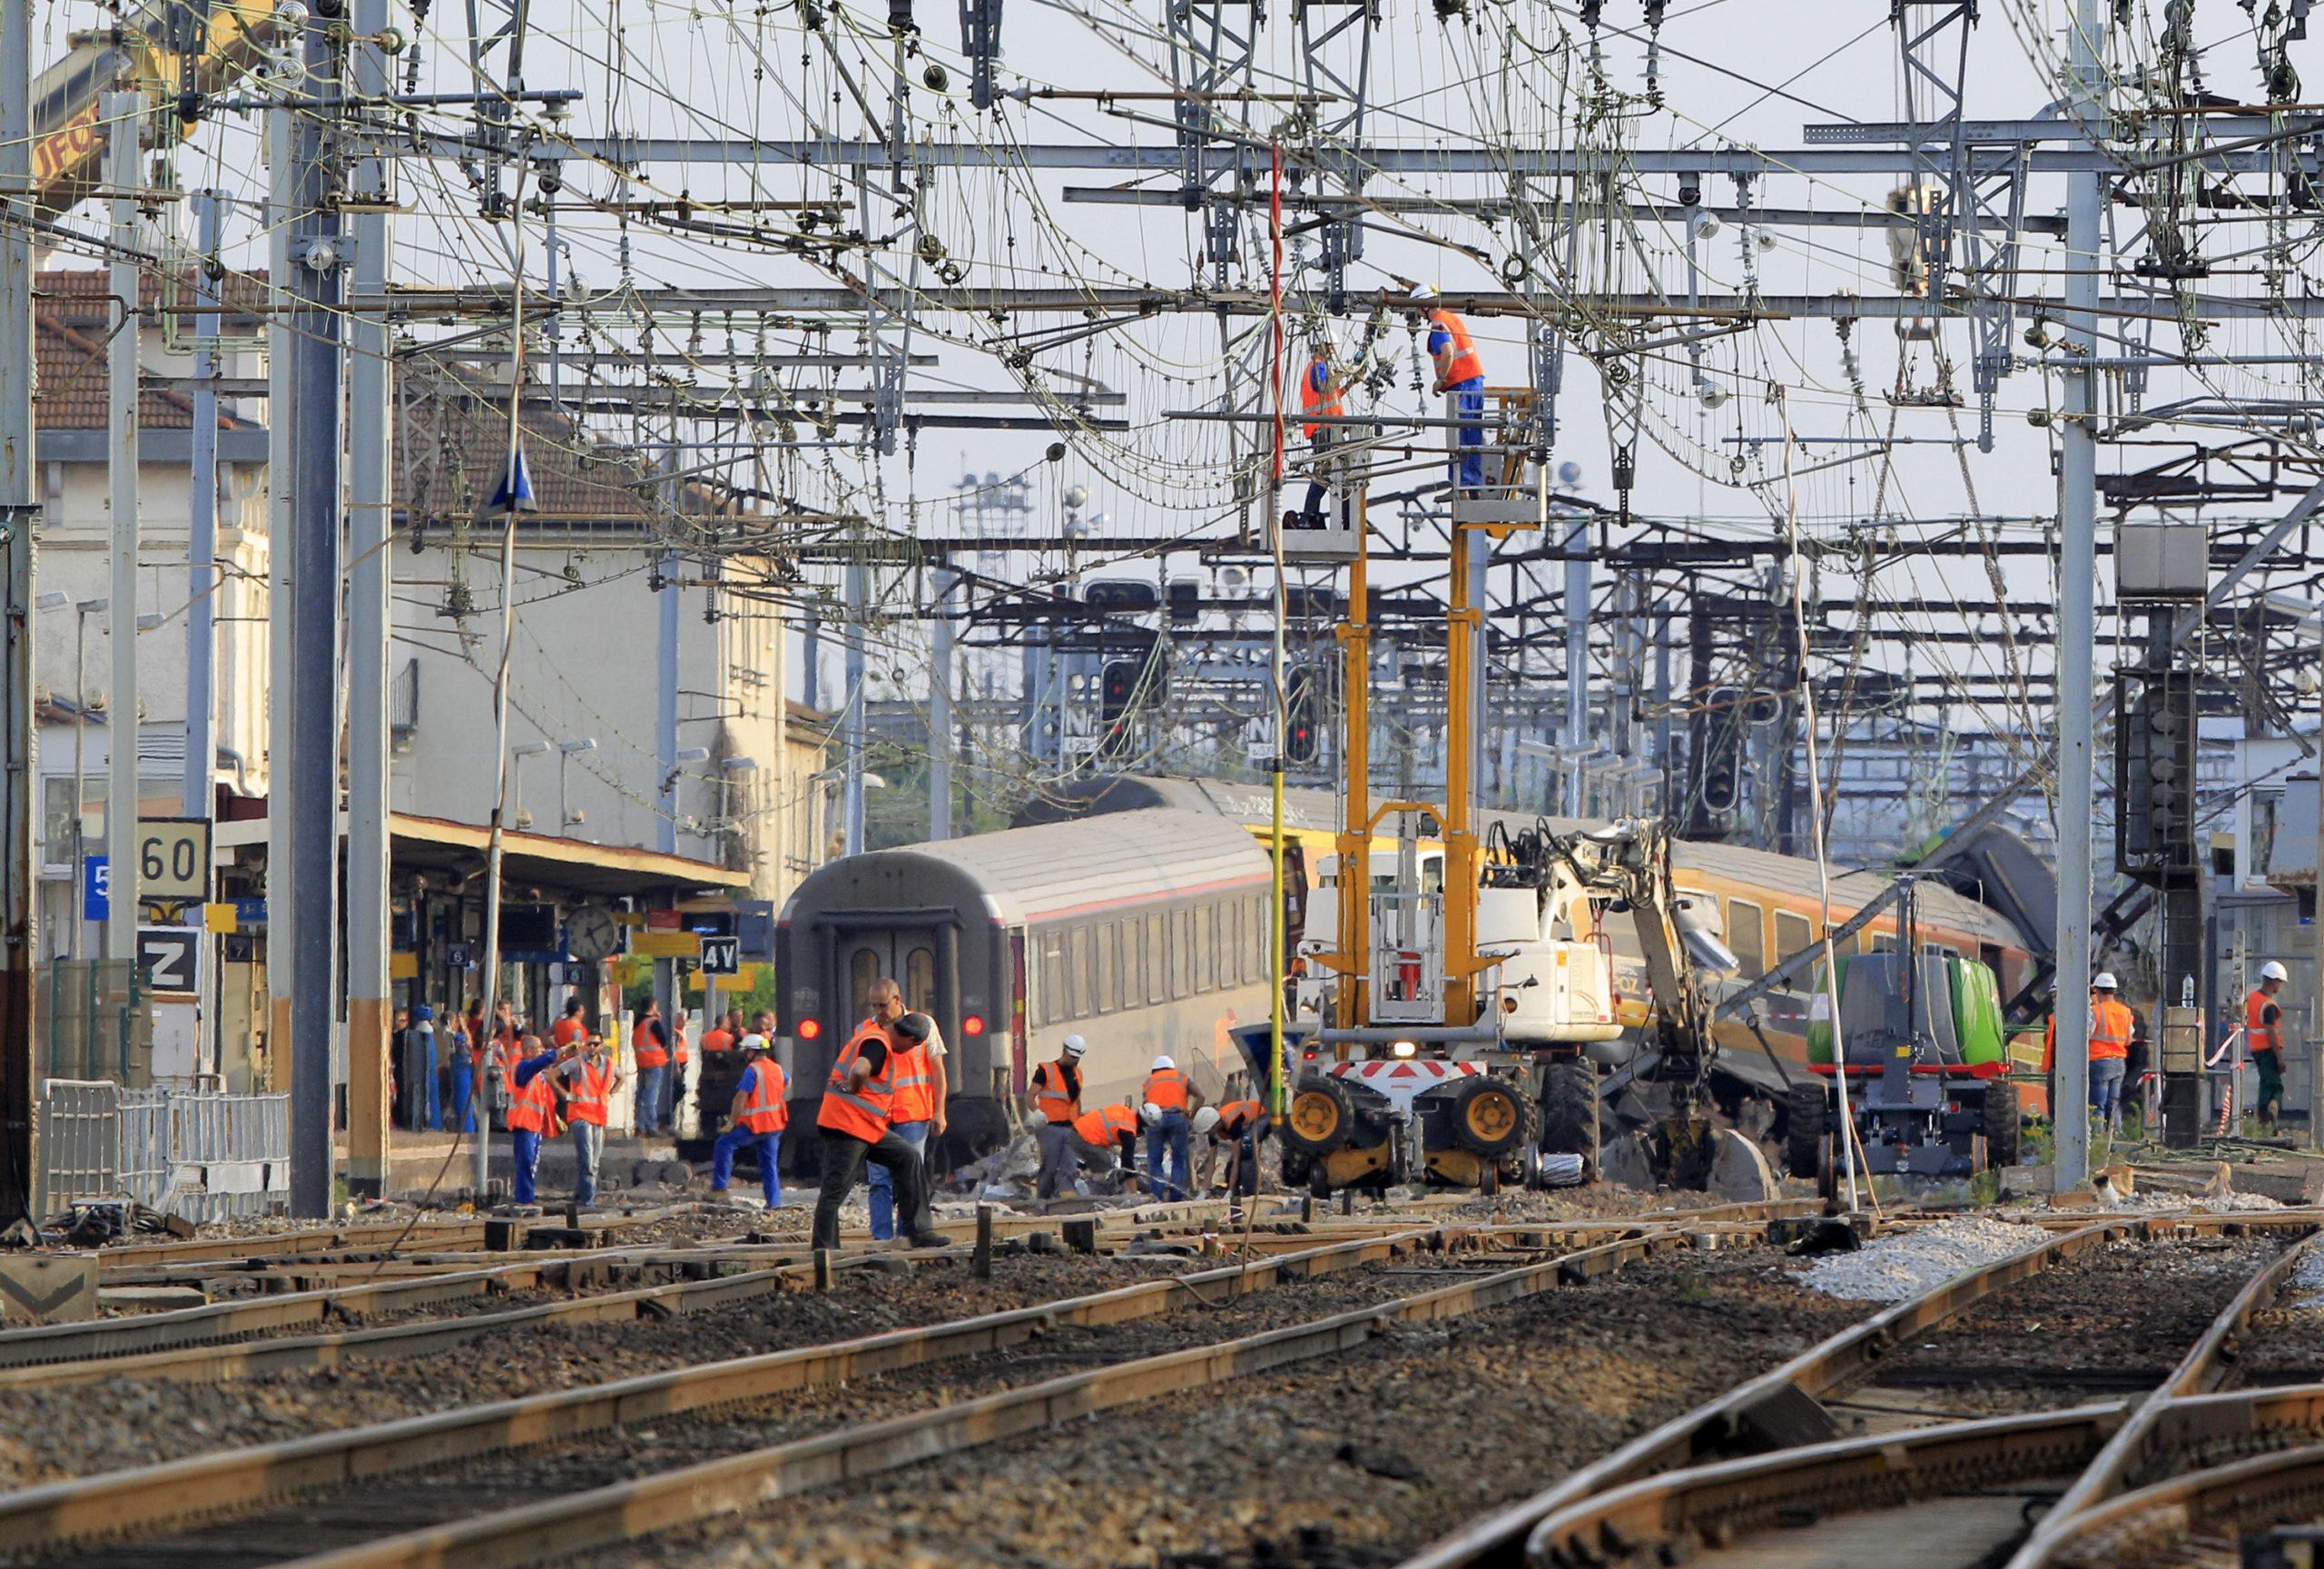 Un procès requis contre la SNCF pour l'accident de Bretigny